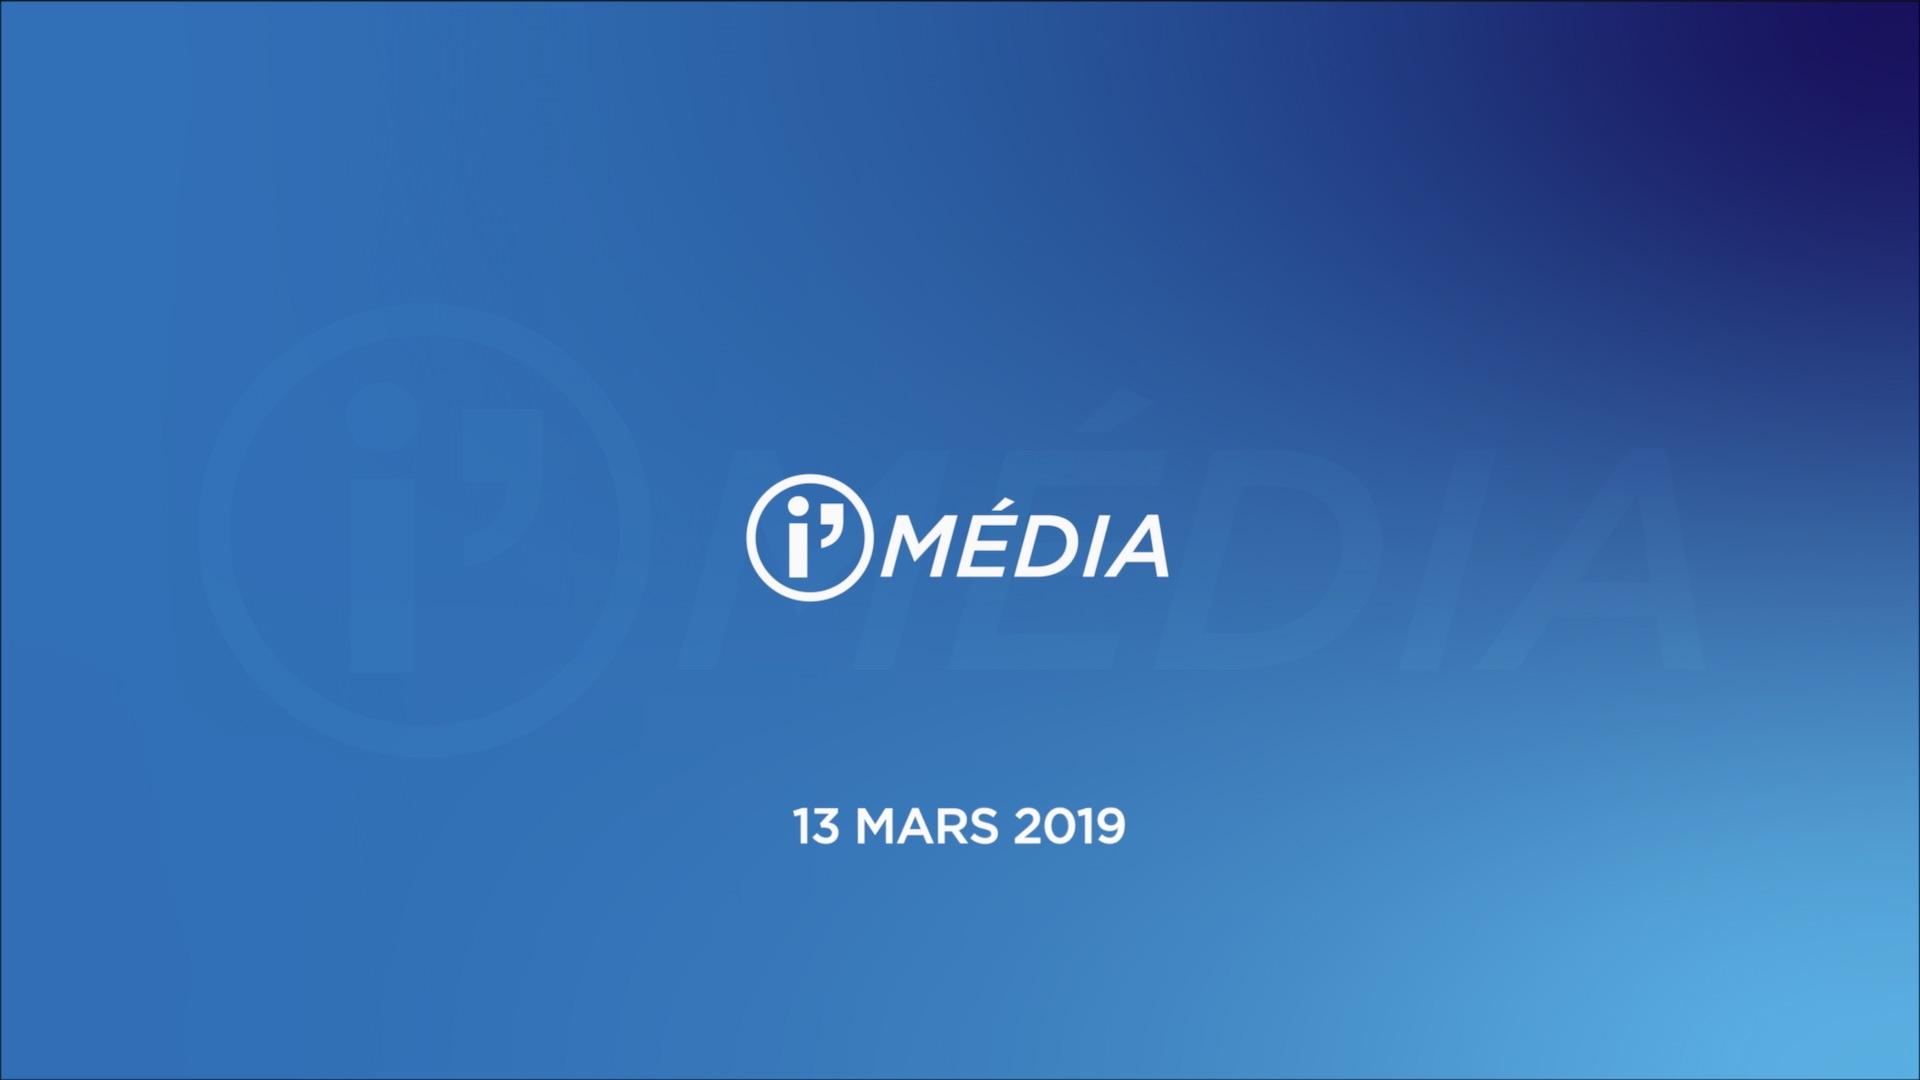 I Média 13 mars 2019